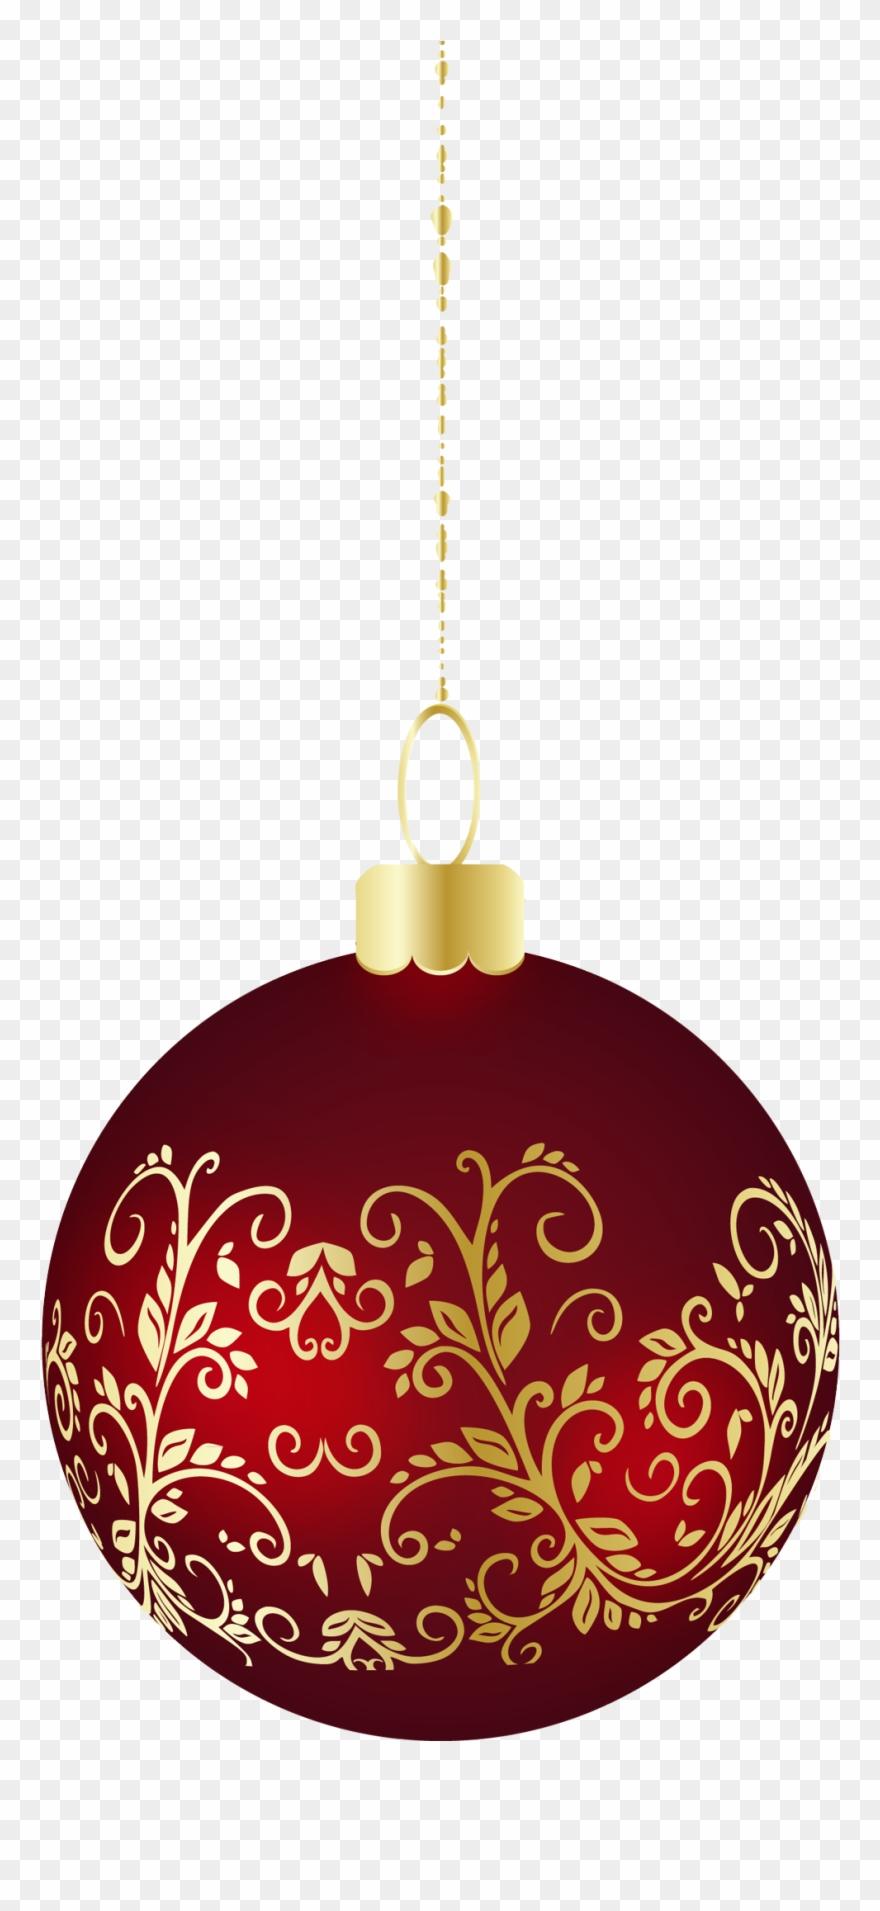 Christmas Bulb Png.Christmas Bulb Png Free Christmas Ball Png Transparent